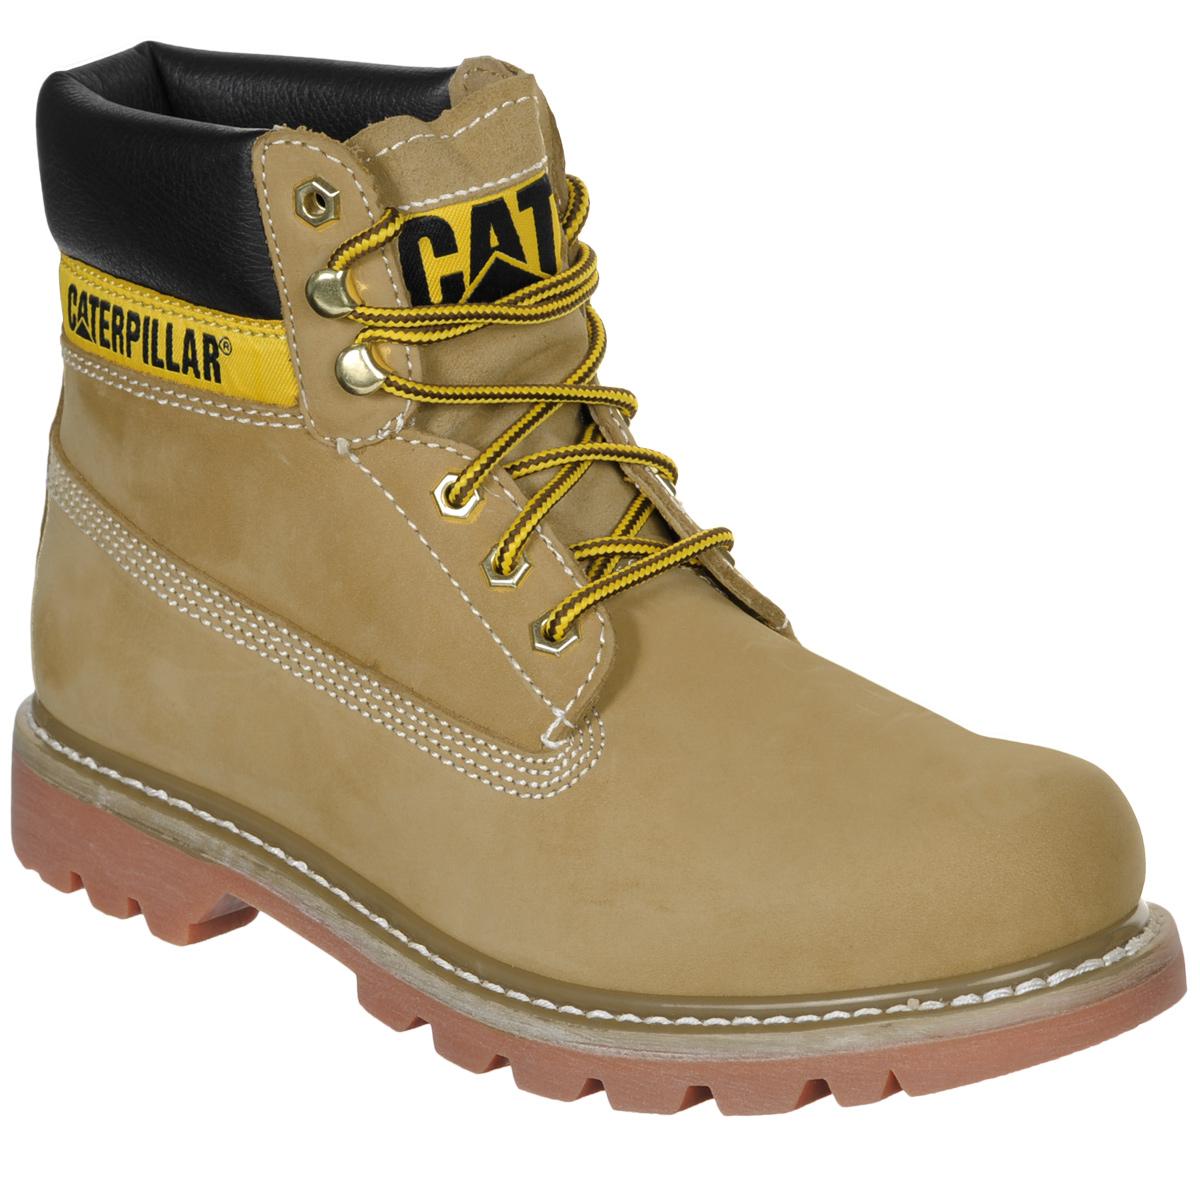 БотинкиP306831Стильные женские ботинки Colorado от Caterpillar надежно защитят вас от холода. Верх выполнен из натуральной замши со вставками из полиуретана. Подкладка изготовлена из мягкого текстильного материала, позволяющего сохранять ваши ноги в тепле. Шнуровка надежно фиксирует модель на ноге. Оформлено изделие по бокам и на язычке нашивками с названием и логотипом бренда. Стельки из пластика EVA обеспечивают комфортное положение стопы и амортизацию. Резиновая подошва с крупным протектором обеспечивает хорошее сцепление с поверхностью. Такие ботинки отлично подойдут для каждодневного использования и подчеркнут ваш стиль и индивидуальность.